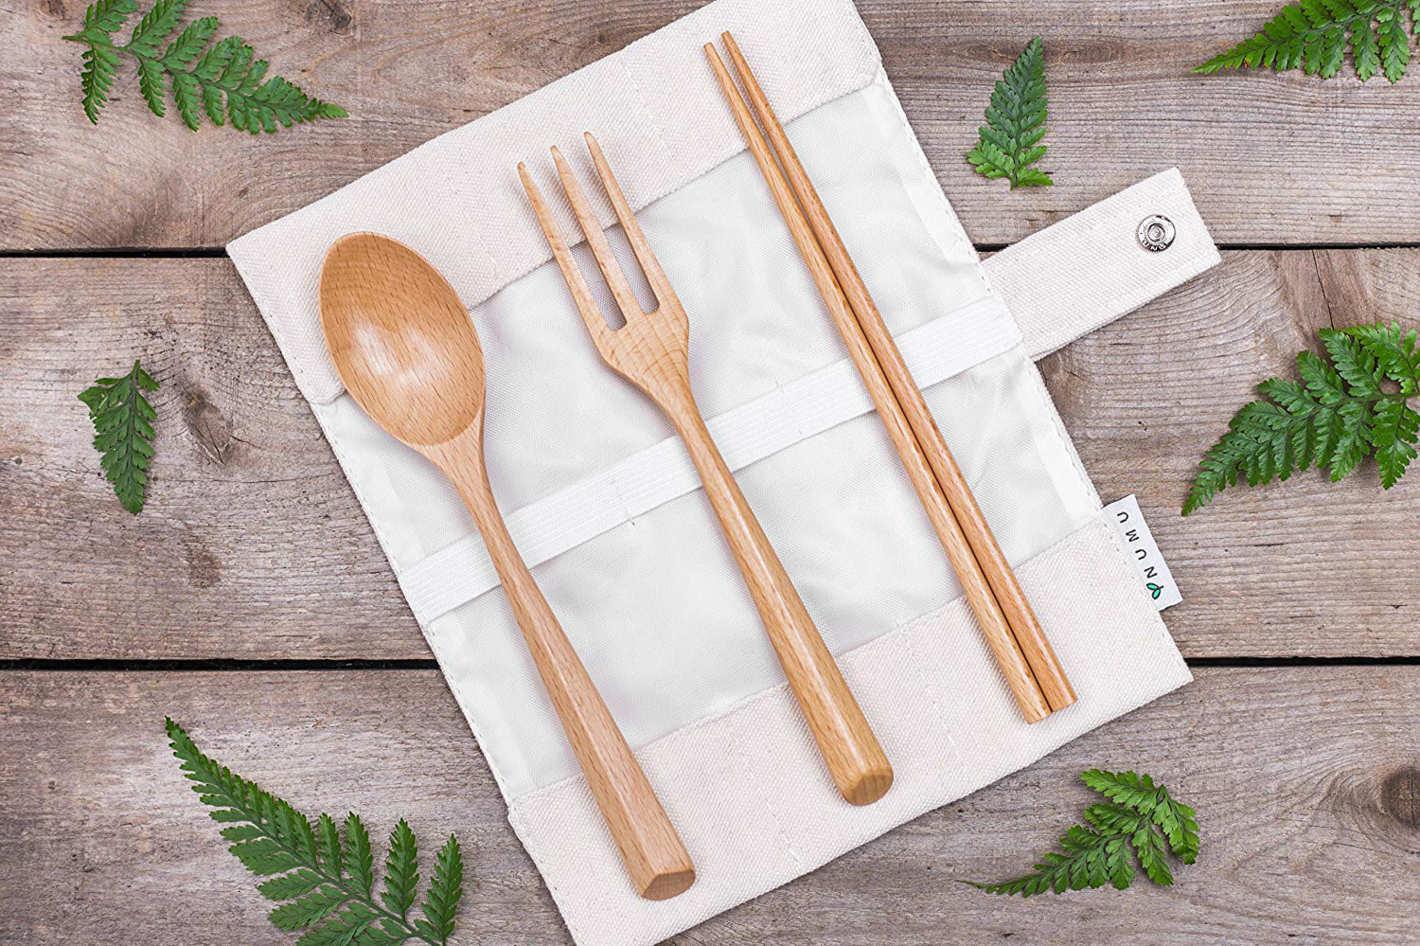 NUMU Wooden Cutlery Set